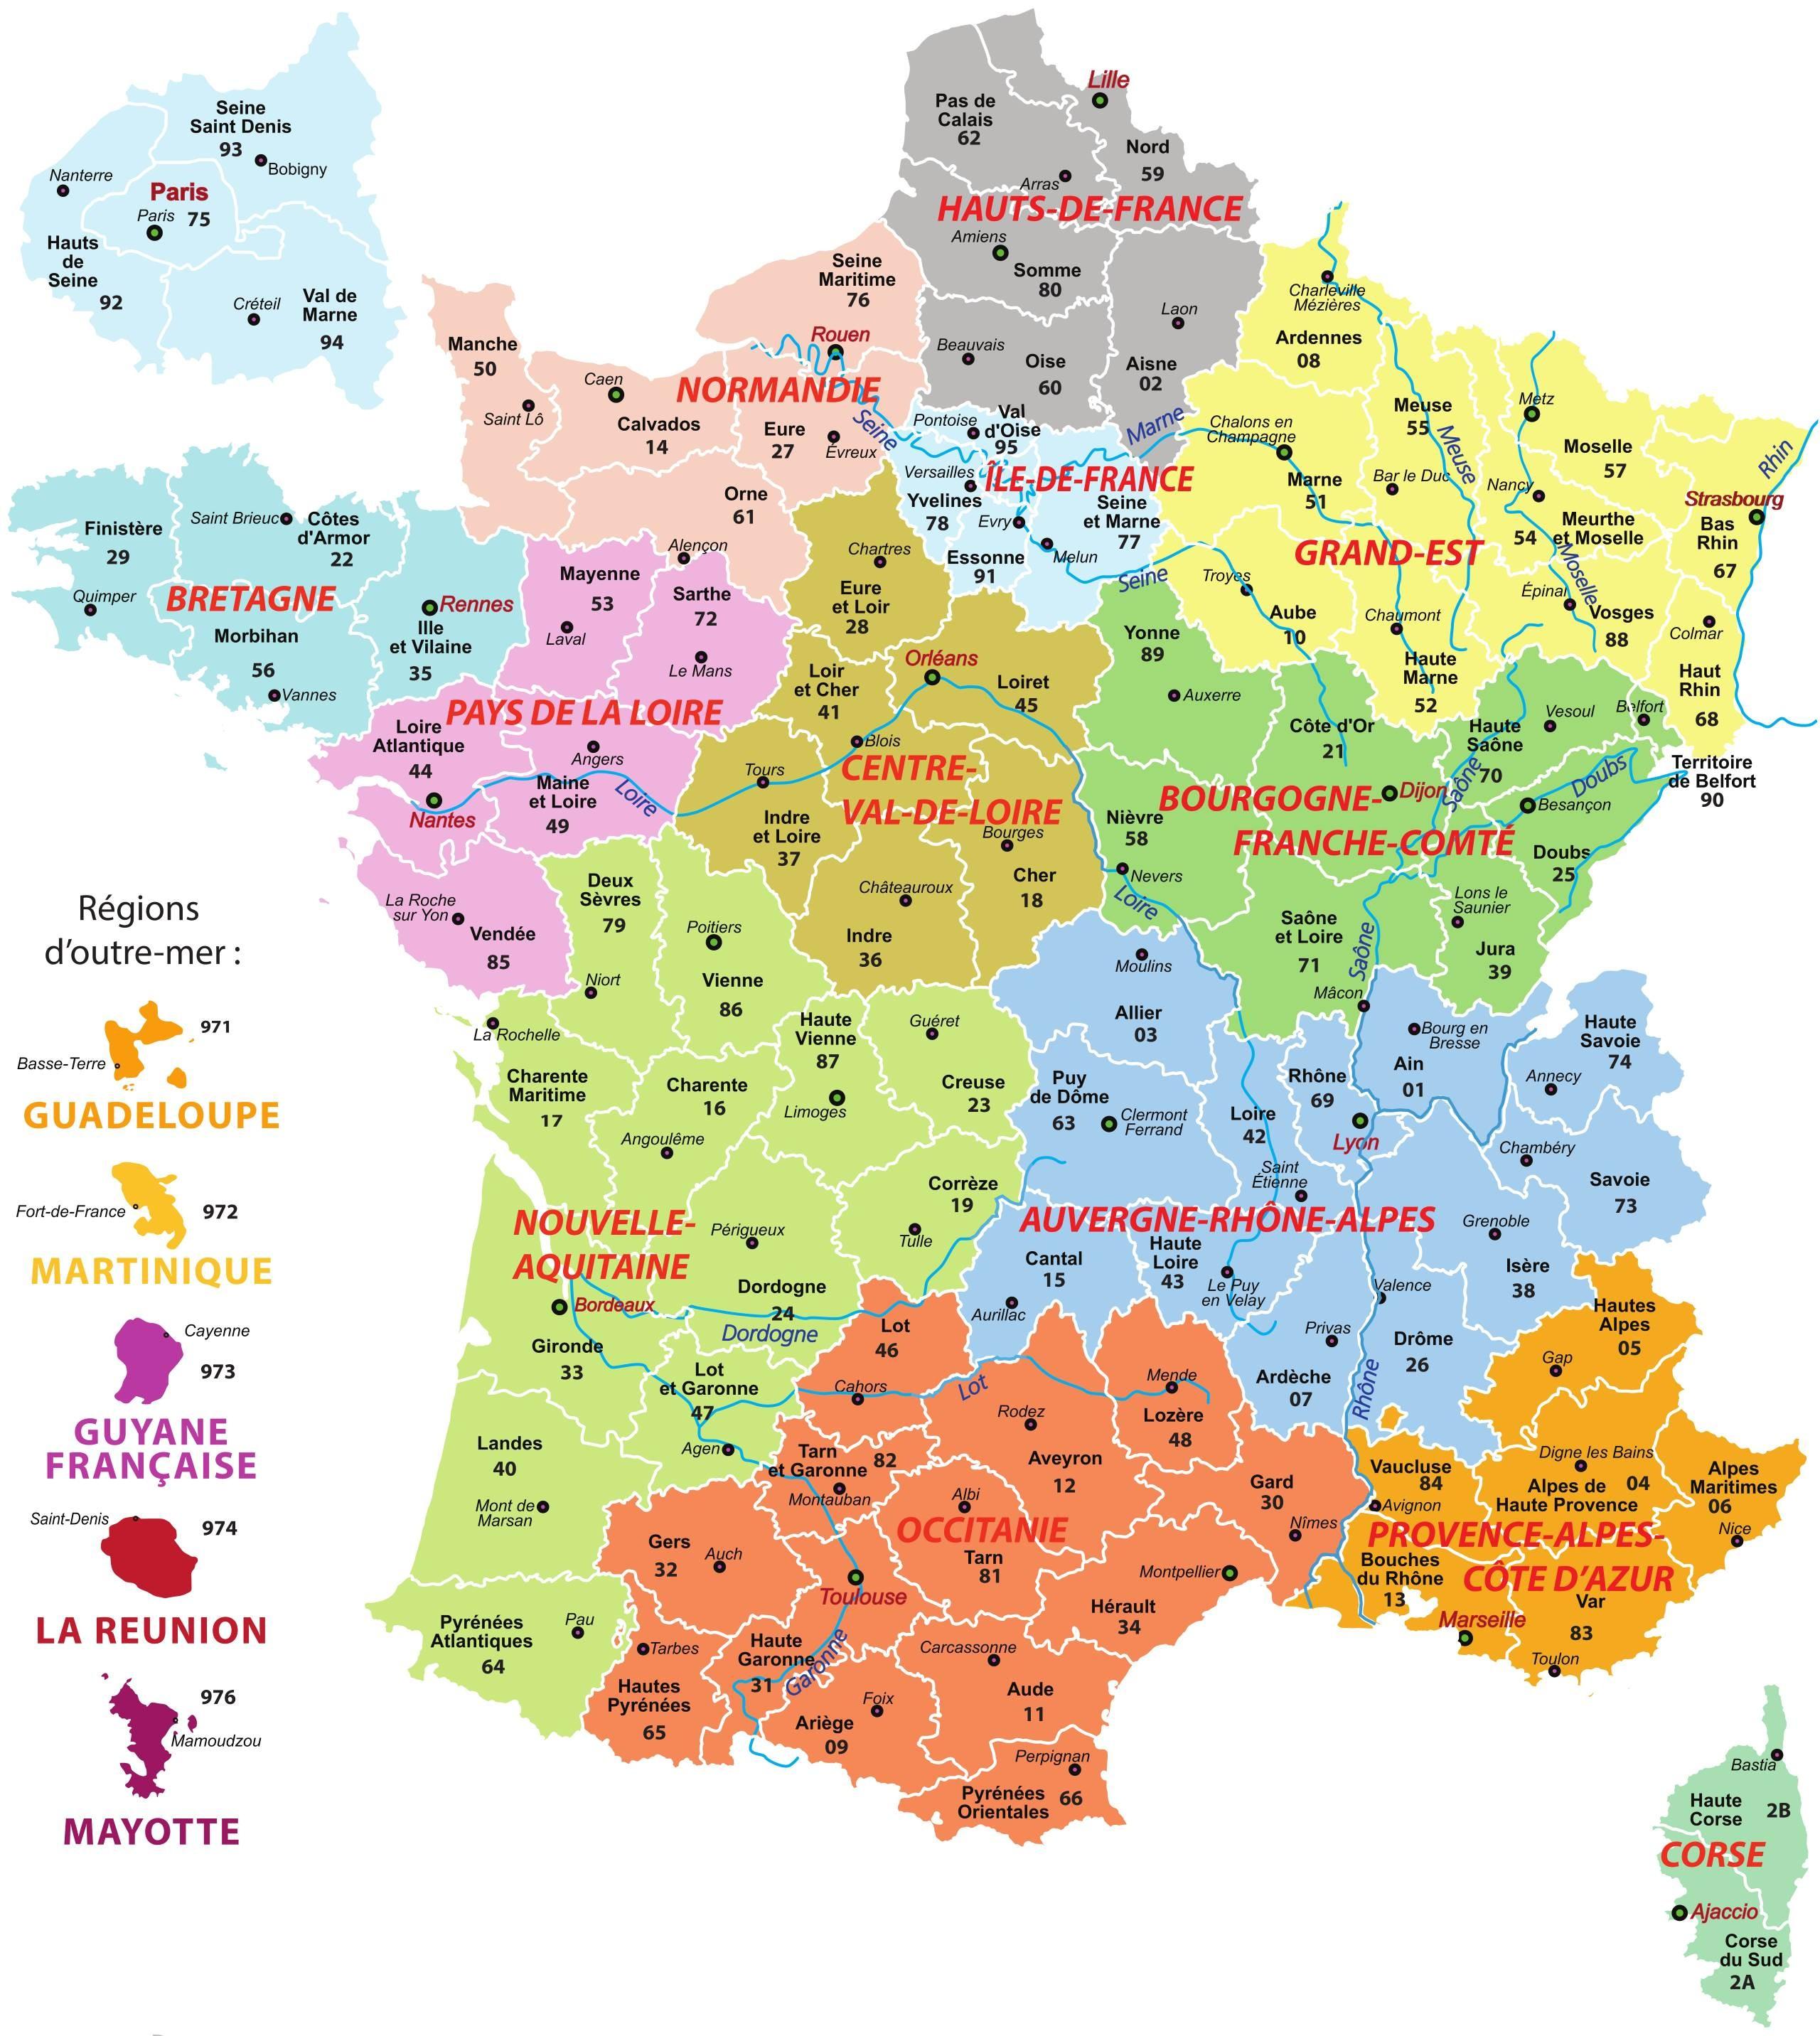 Les préfectures des départements français 1